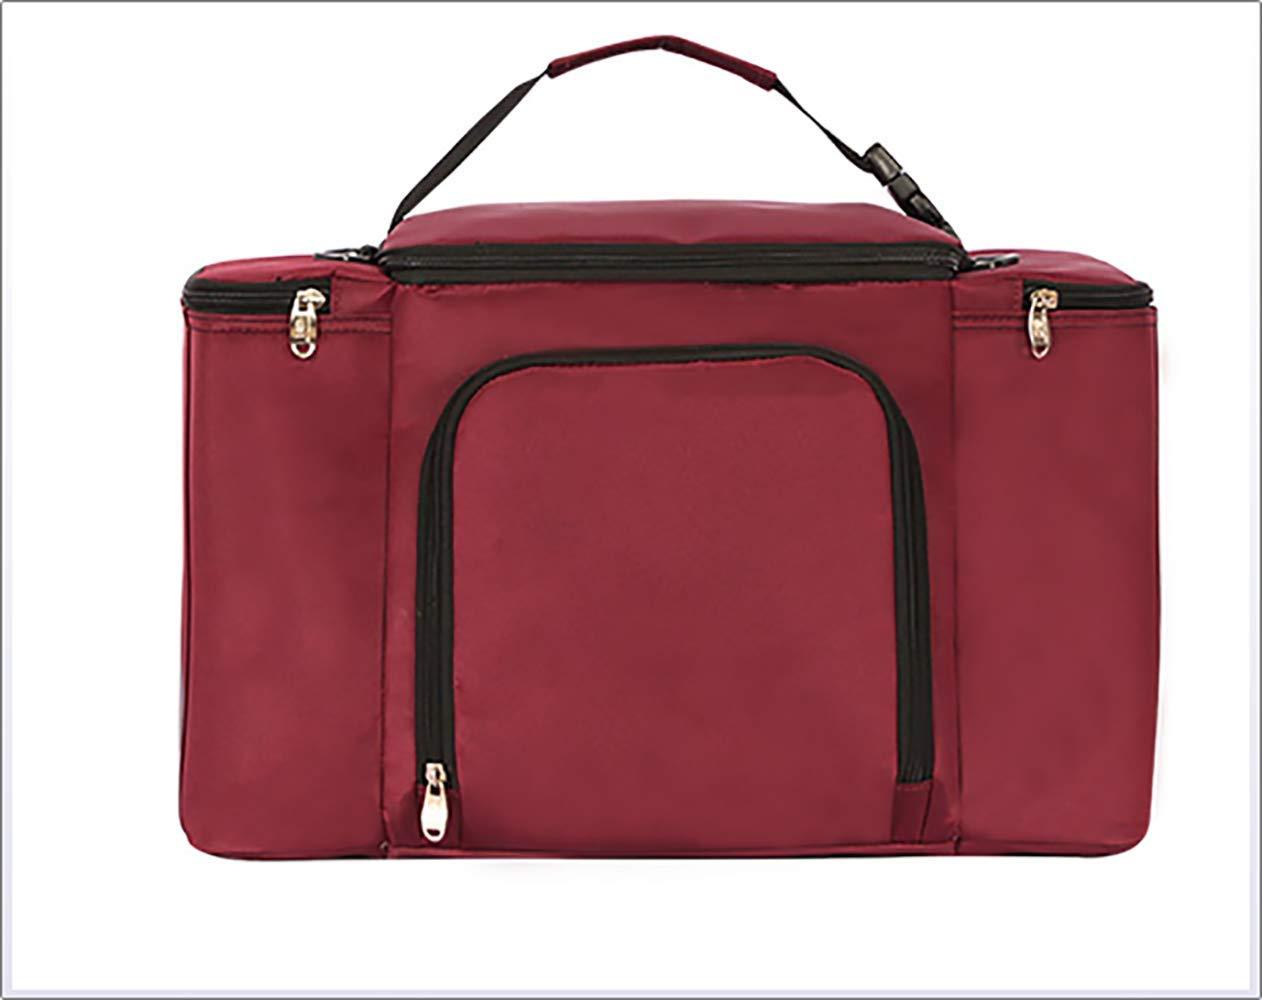 Borsa da picnic di grande capacità per auto, borsa da picnic, spessa e riutilizzabile, borsa da pranzo, lunch box, borsa da trasporto, borsa con cerniera, scuola, picnic da viaggio all'aperto,Red